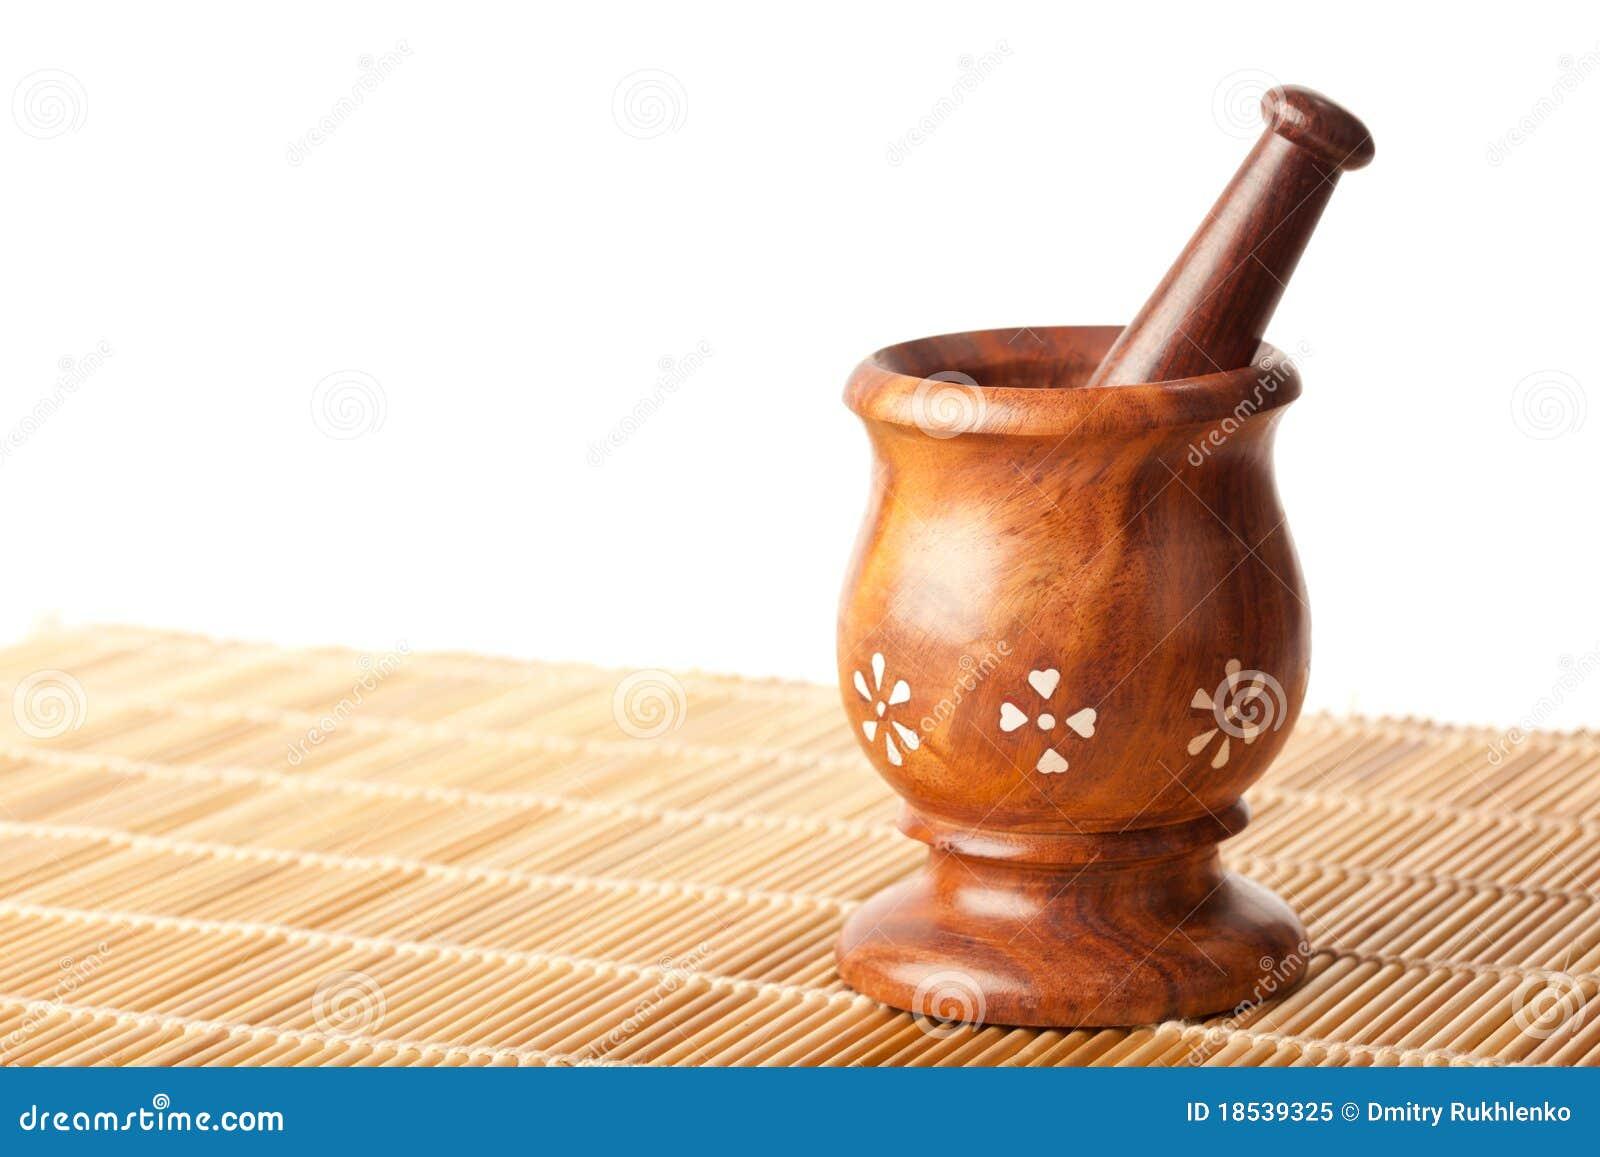 mortier en bois avec le pilon image stock image du personne simple 18539325. Black Bedroom Furniture Sets. Home Design Ideas